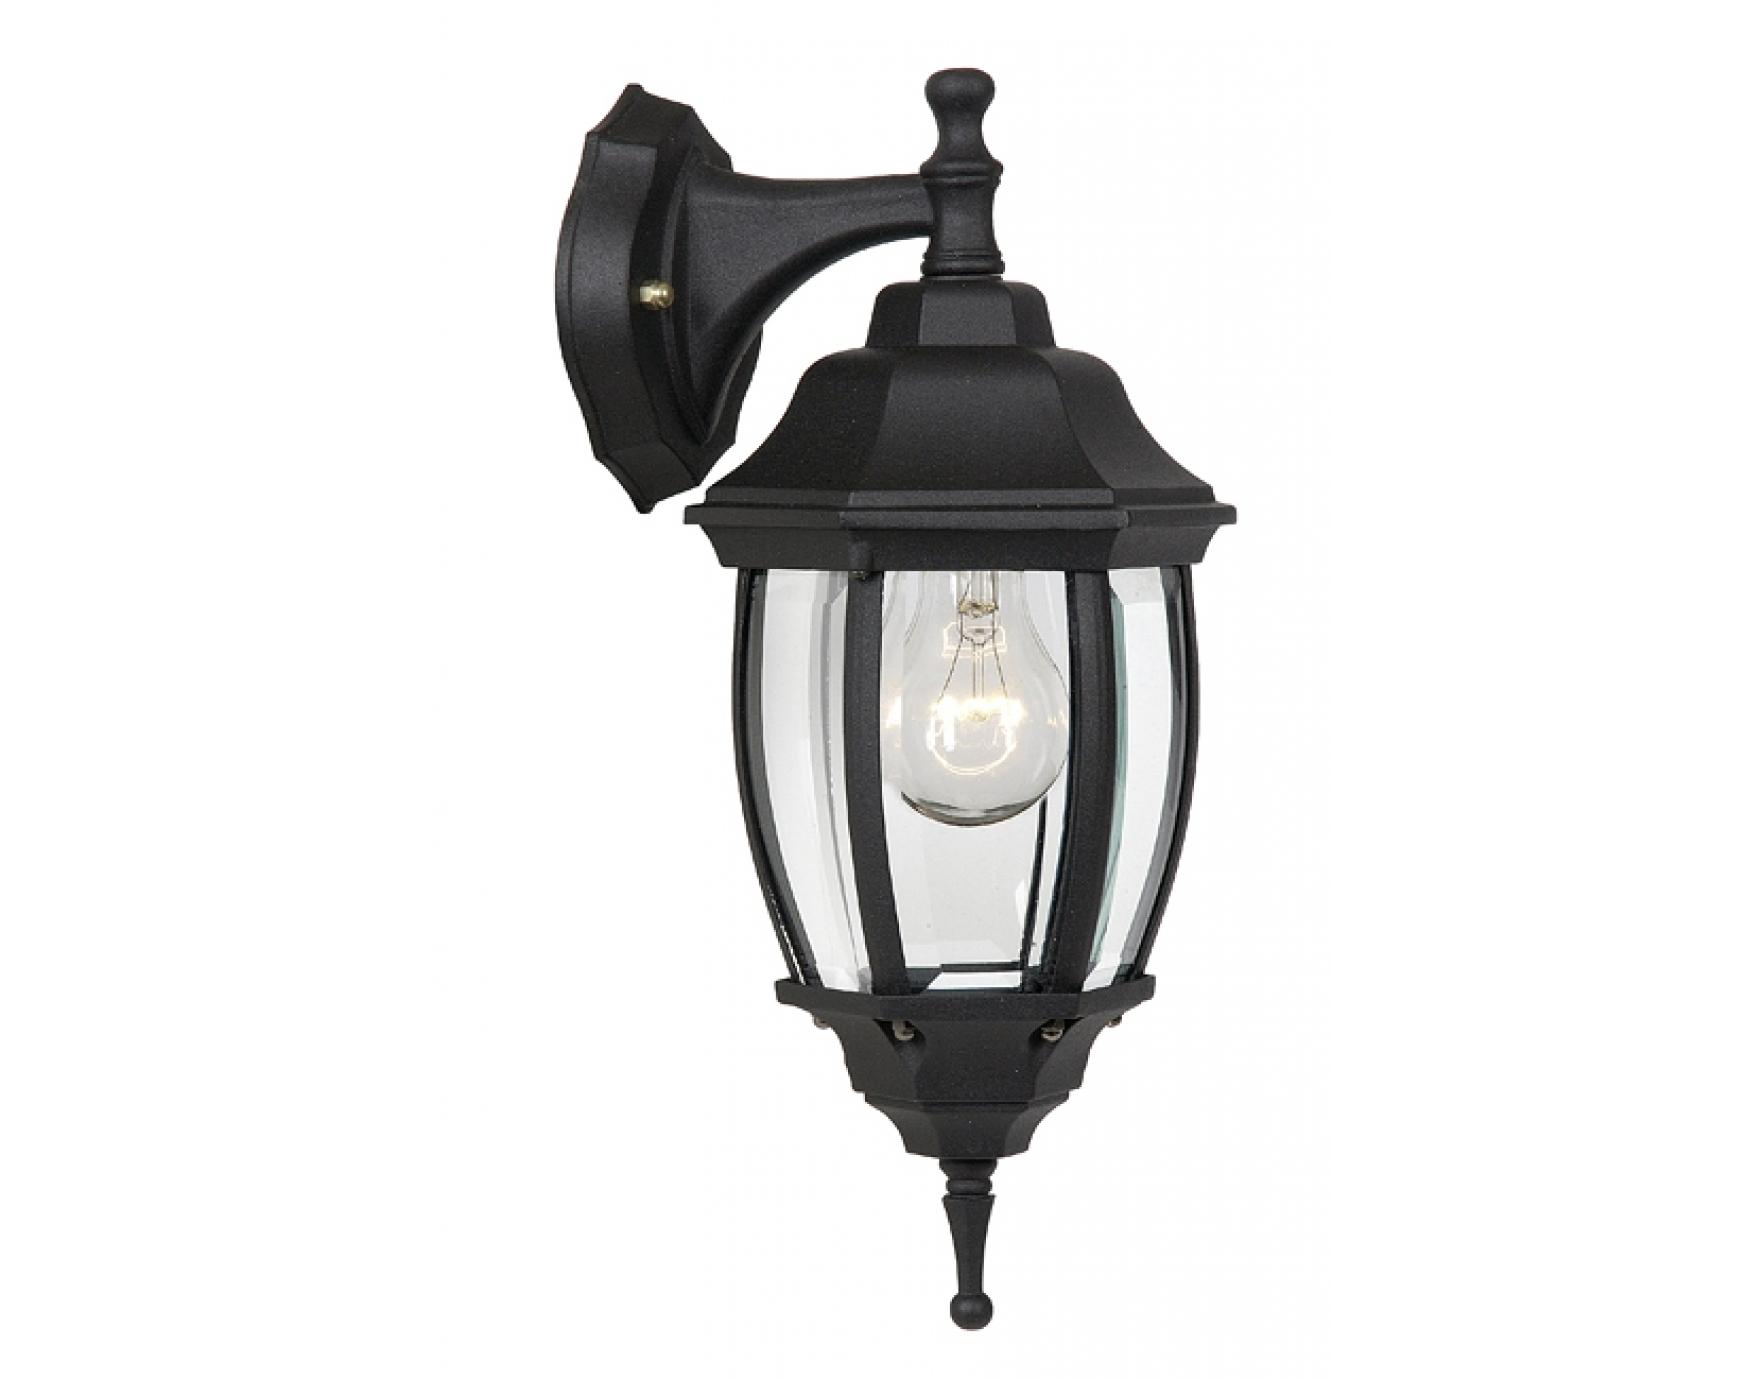 Настенный светильник TIRENOУличные настенные светильники<br>&amp;lt;div&amp;gt;Вид цоколя: Е27&amp;lt;/div&amp;gt;&amp;lt;div&amp;gt;Мощность: 60W&amp;lt;/div&amp;gt;&amp;lt;div&amp;gt;Количество ламп: 1 (в комплект не входит)&amp;lt;/div&amp;gt;<br><br>Material: Металл<br>Ширина см: 20.0<br>Высота см: 37.0<br>Глубина см: 16.5